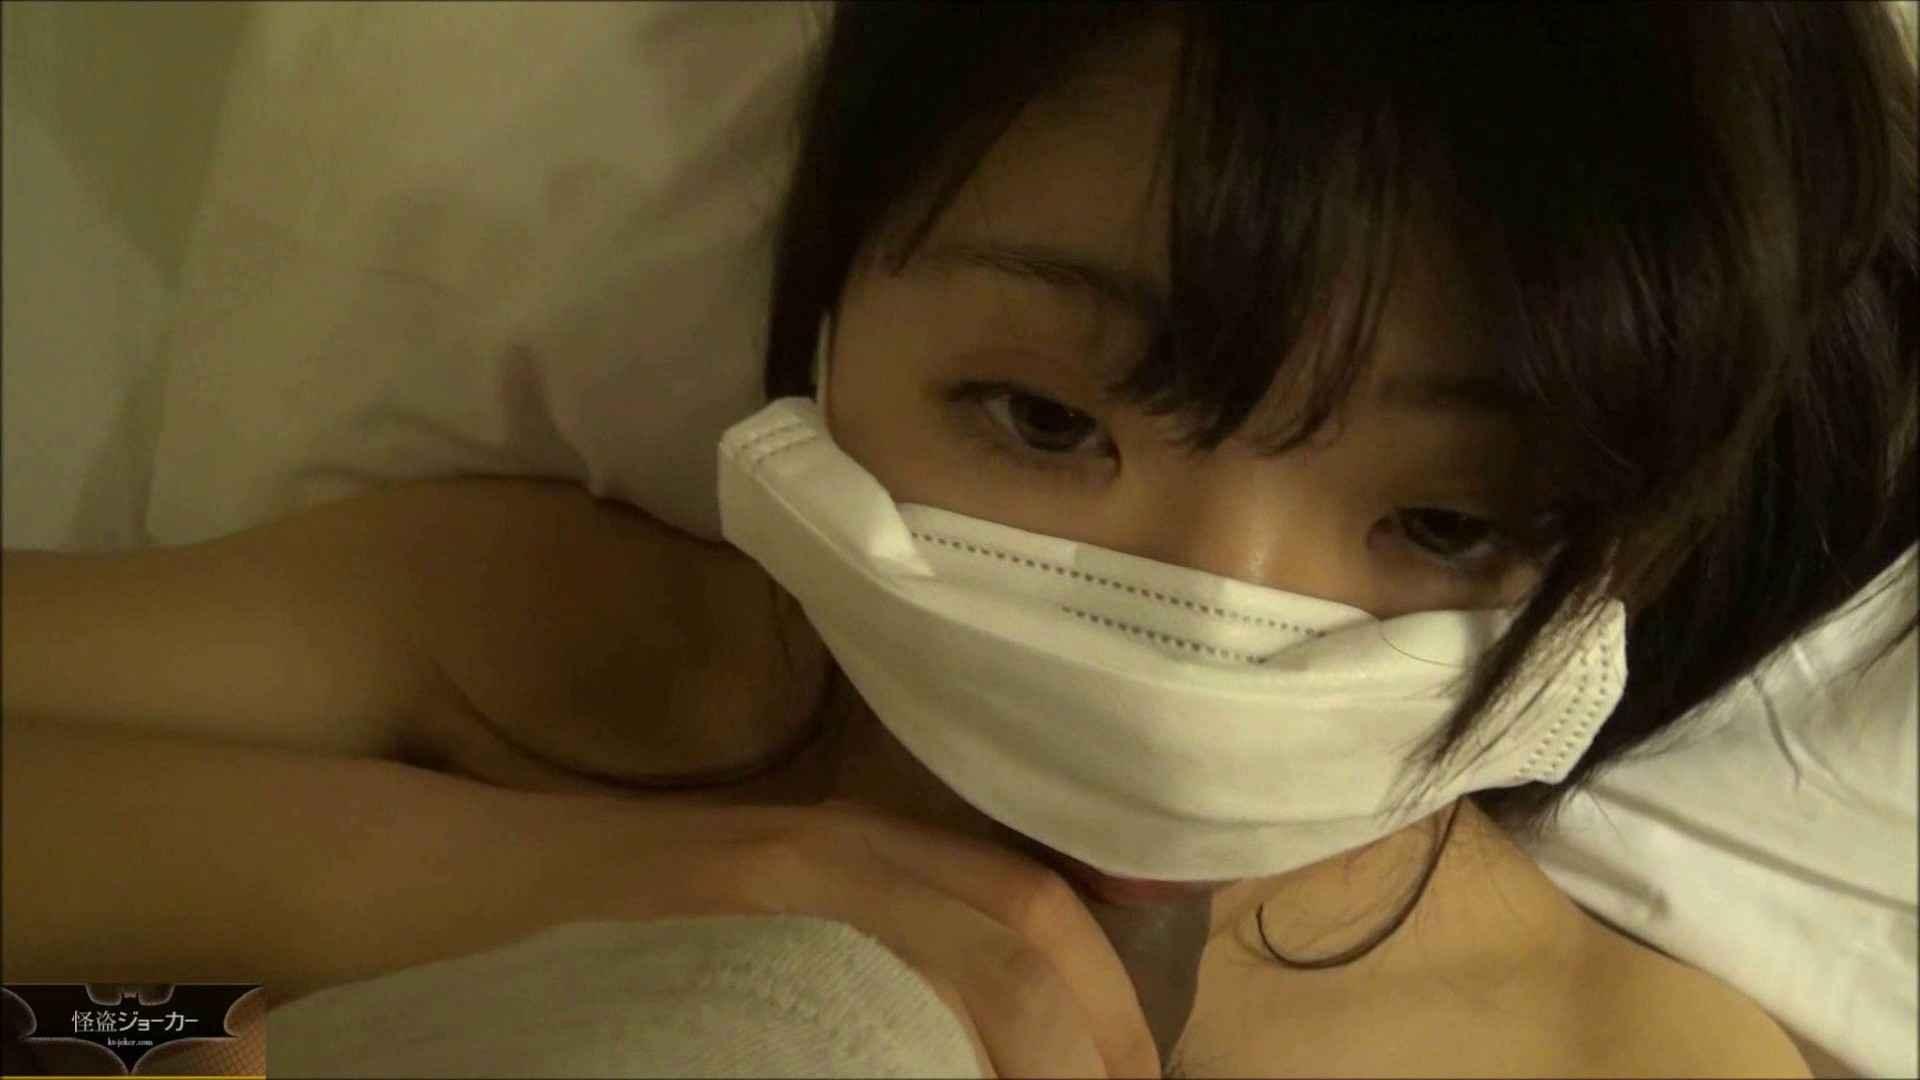 【未公開】vol.79 {関東某有名お嬢様JD}yuunaちゃん③ OLのボディ  62PIX 33